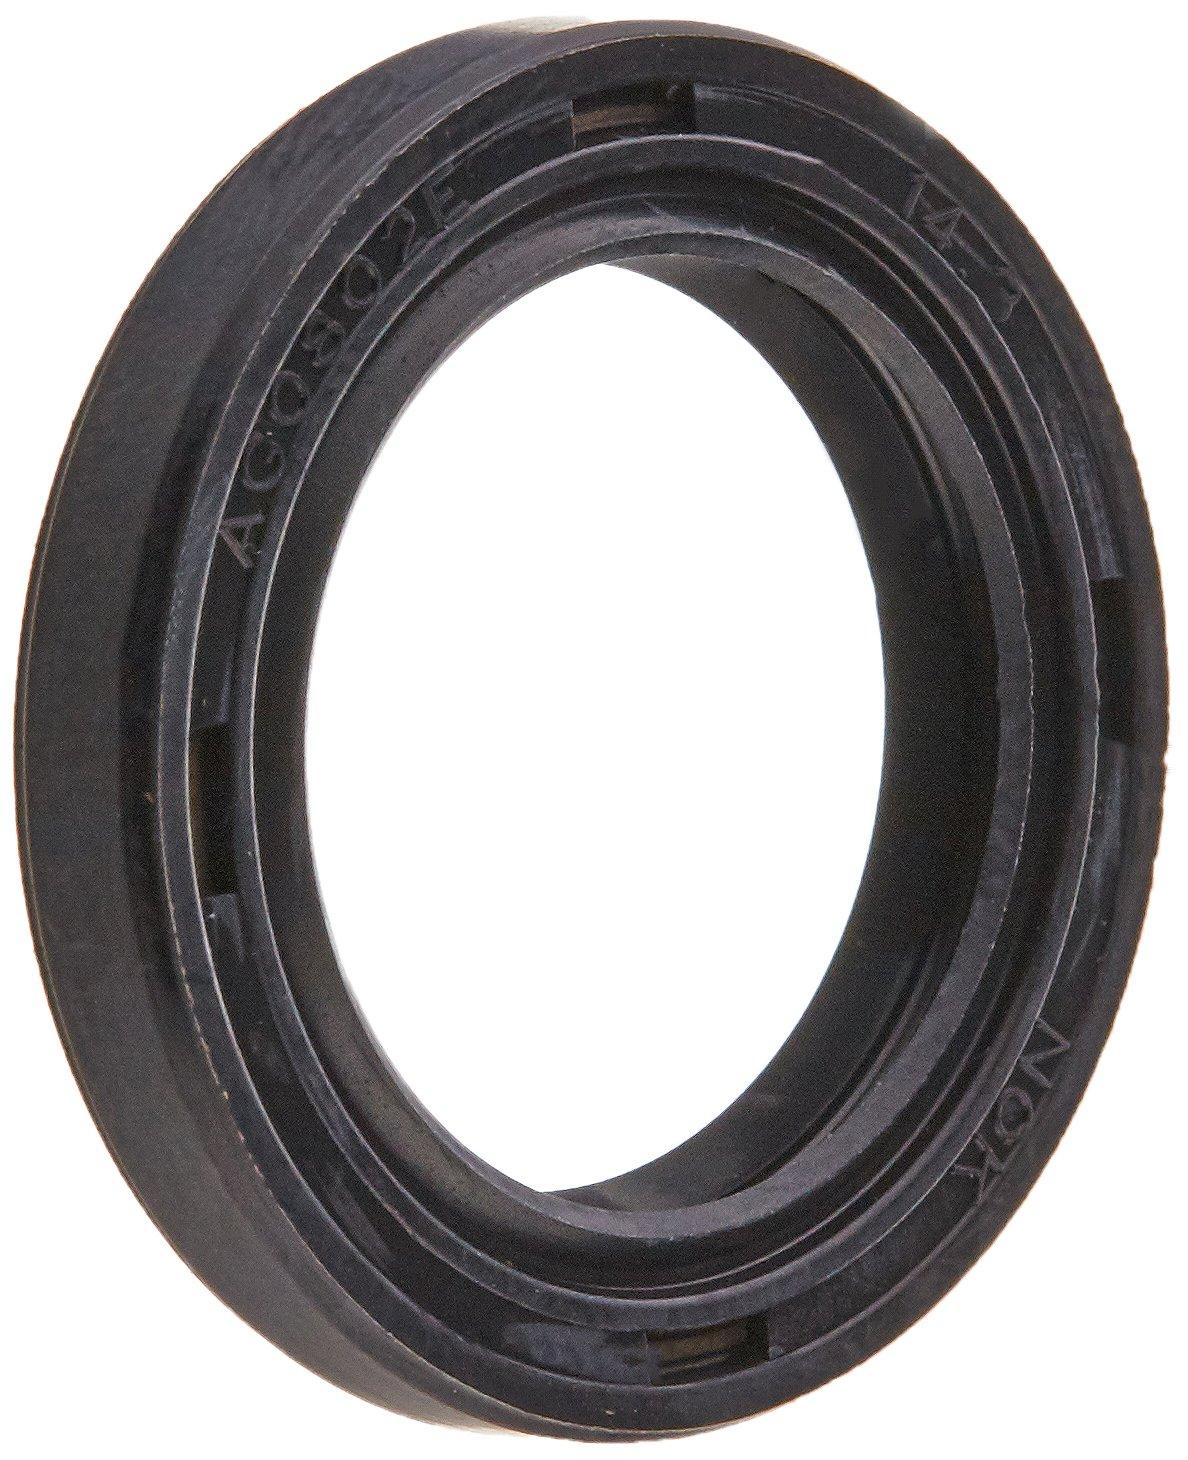 Timken 710222 Manual Transmission Shift Shaft Seal